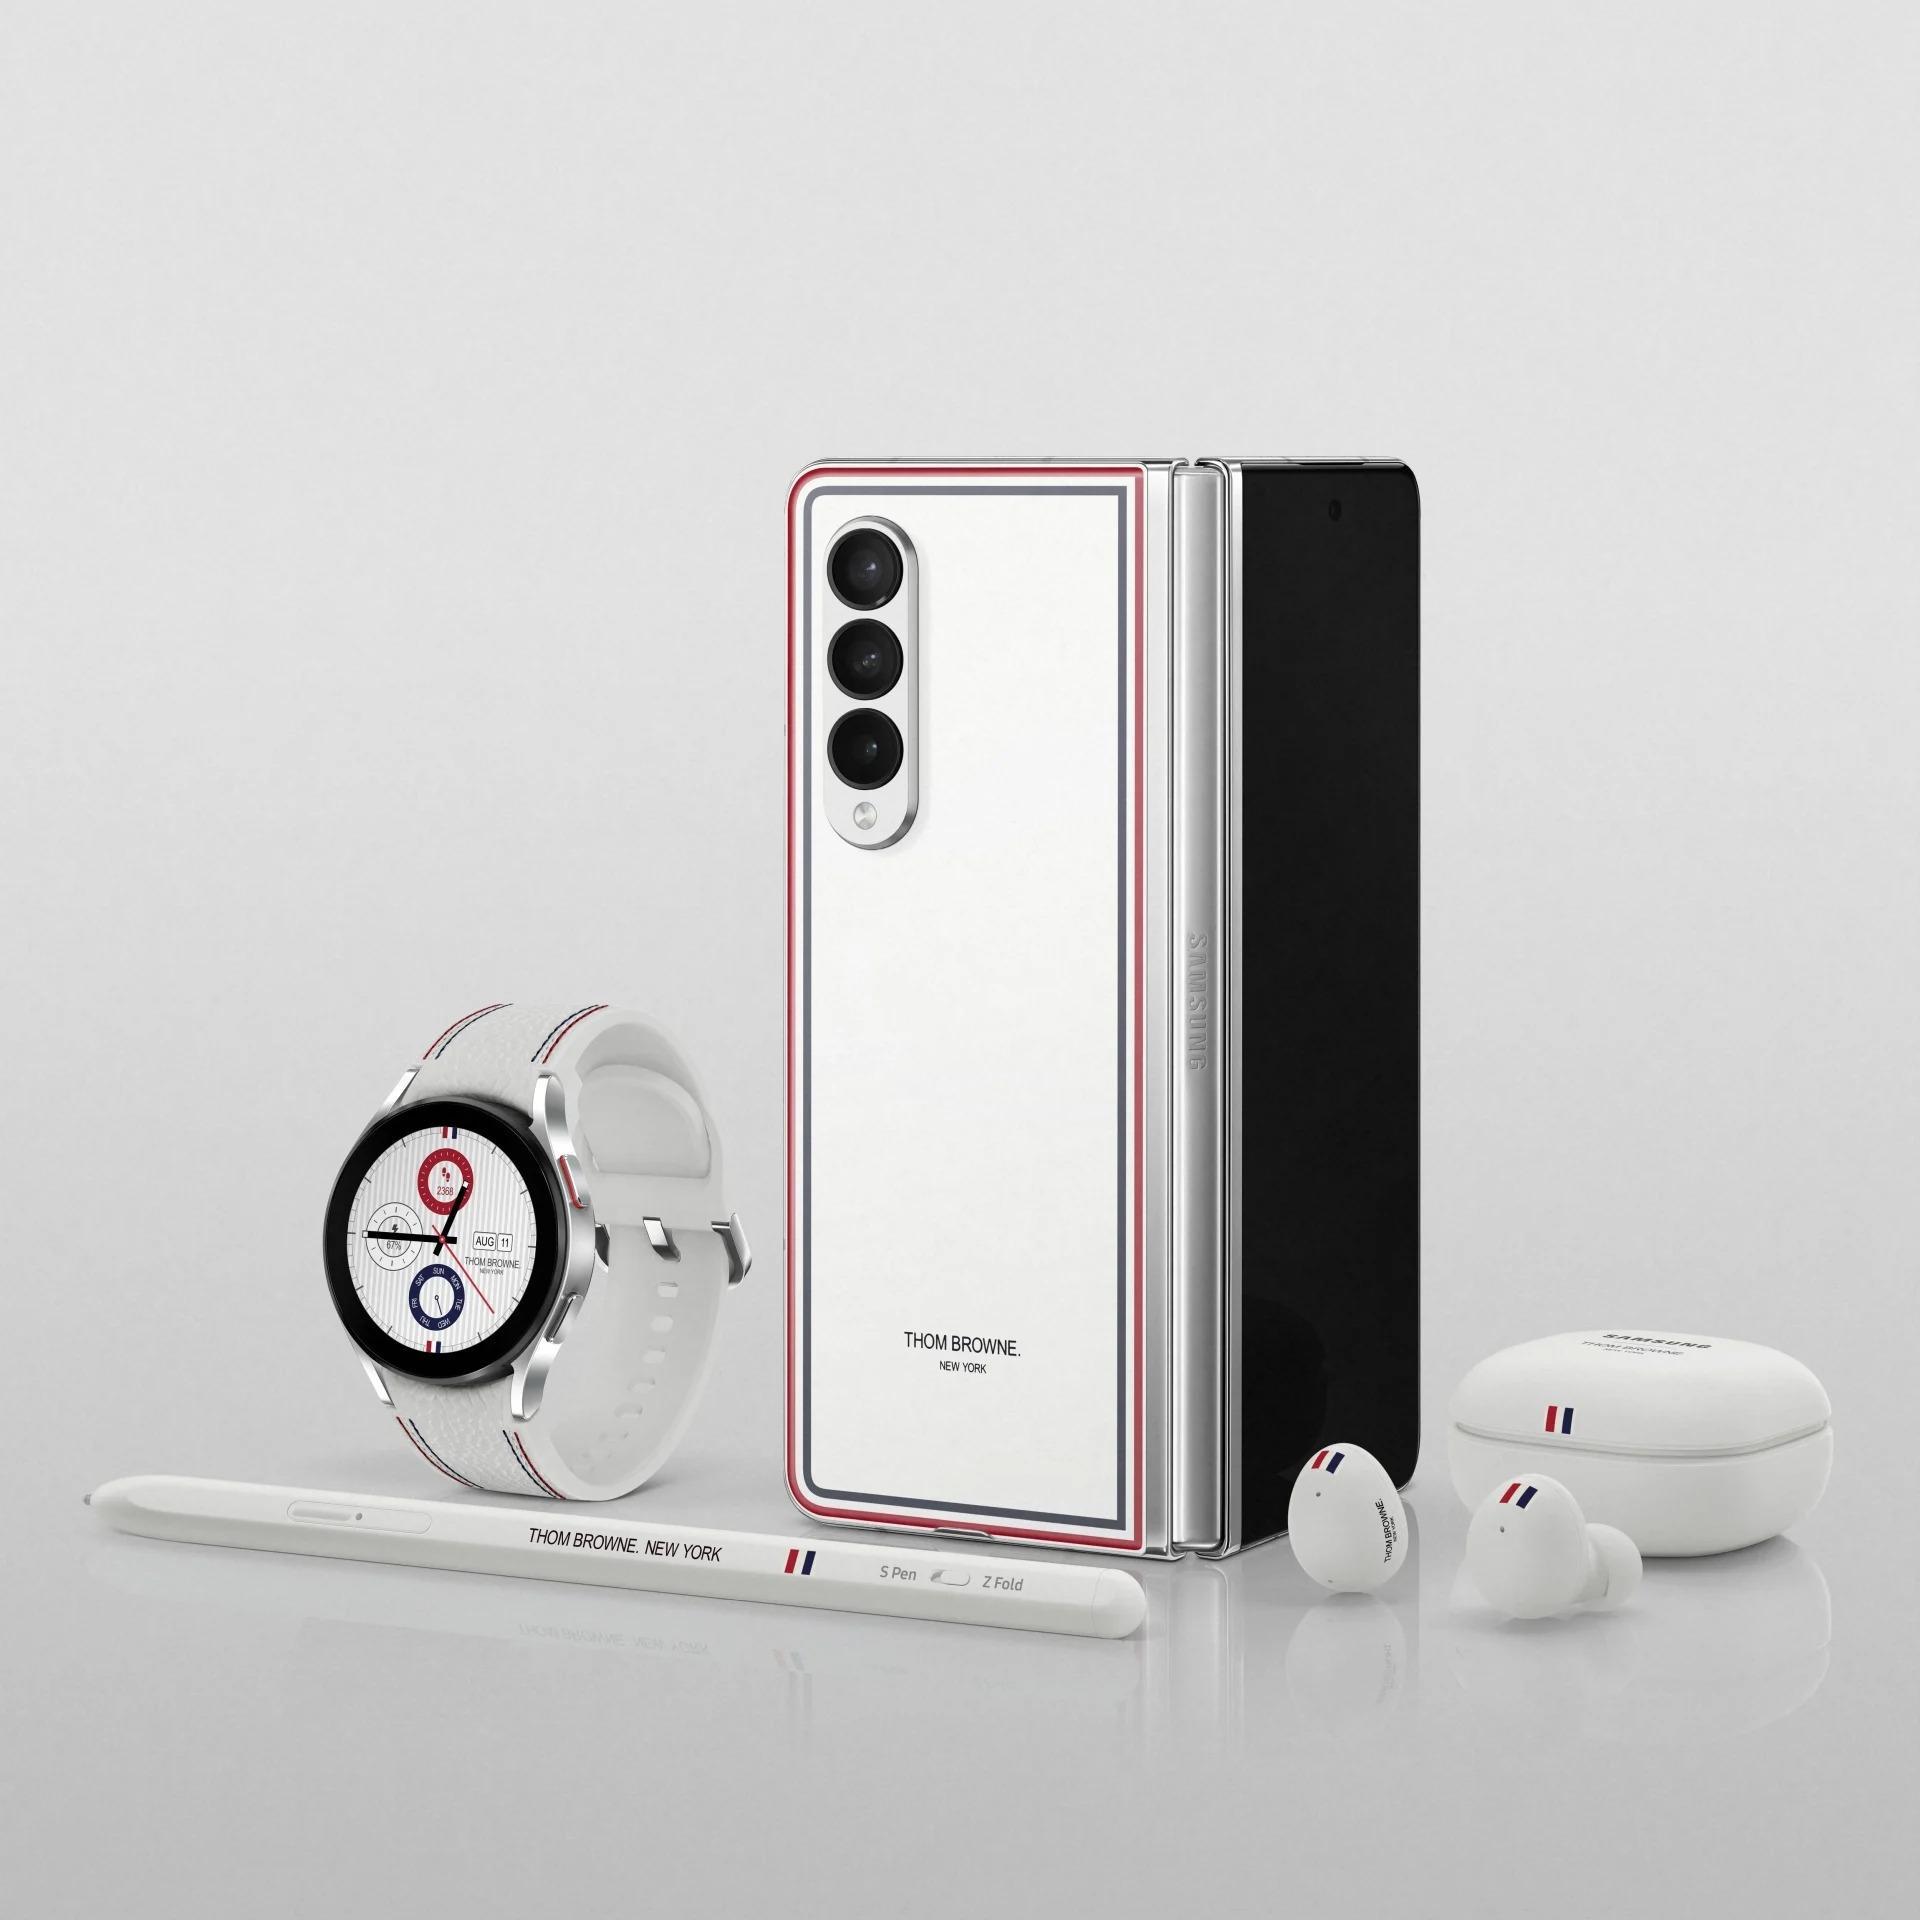 200 máy Galaxy Z Thom Browne đã tìm được chủ nhân sau nửa ngày mở bán - Ảnh 4.